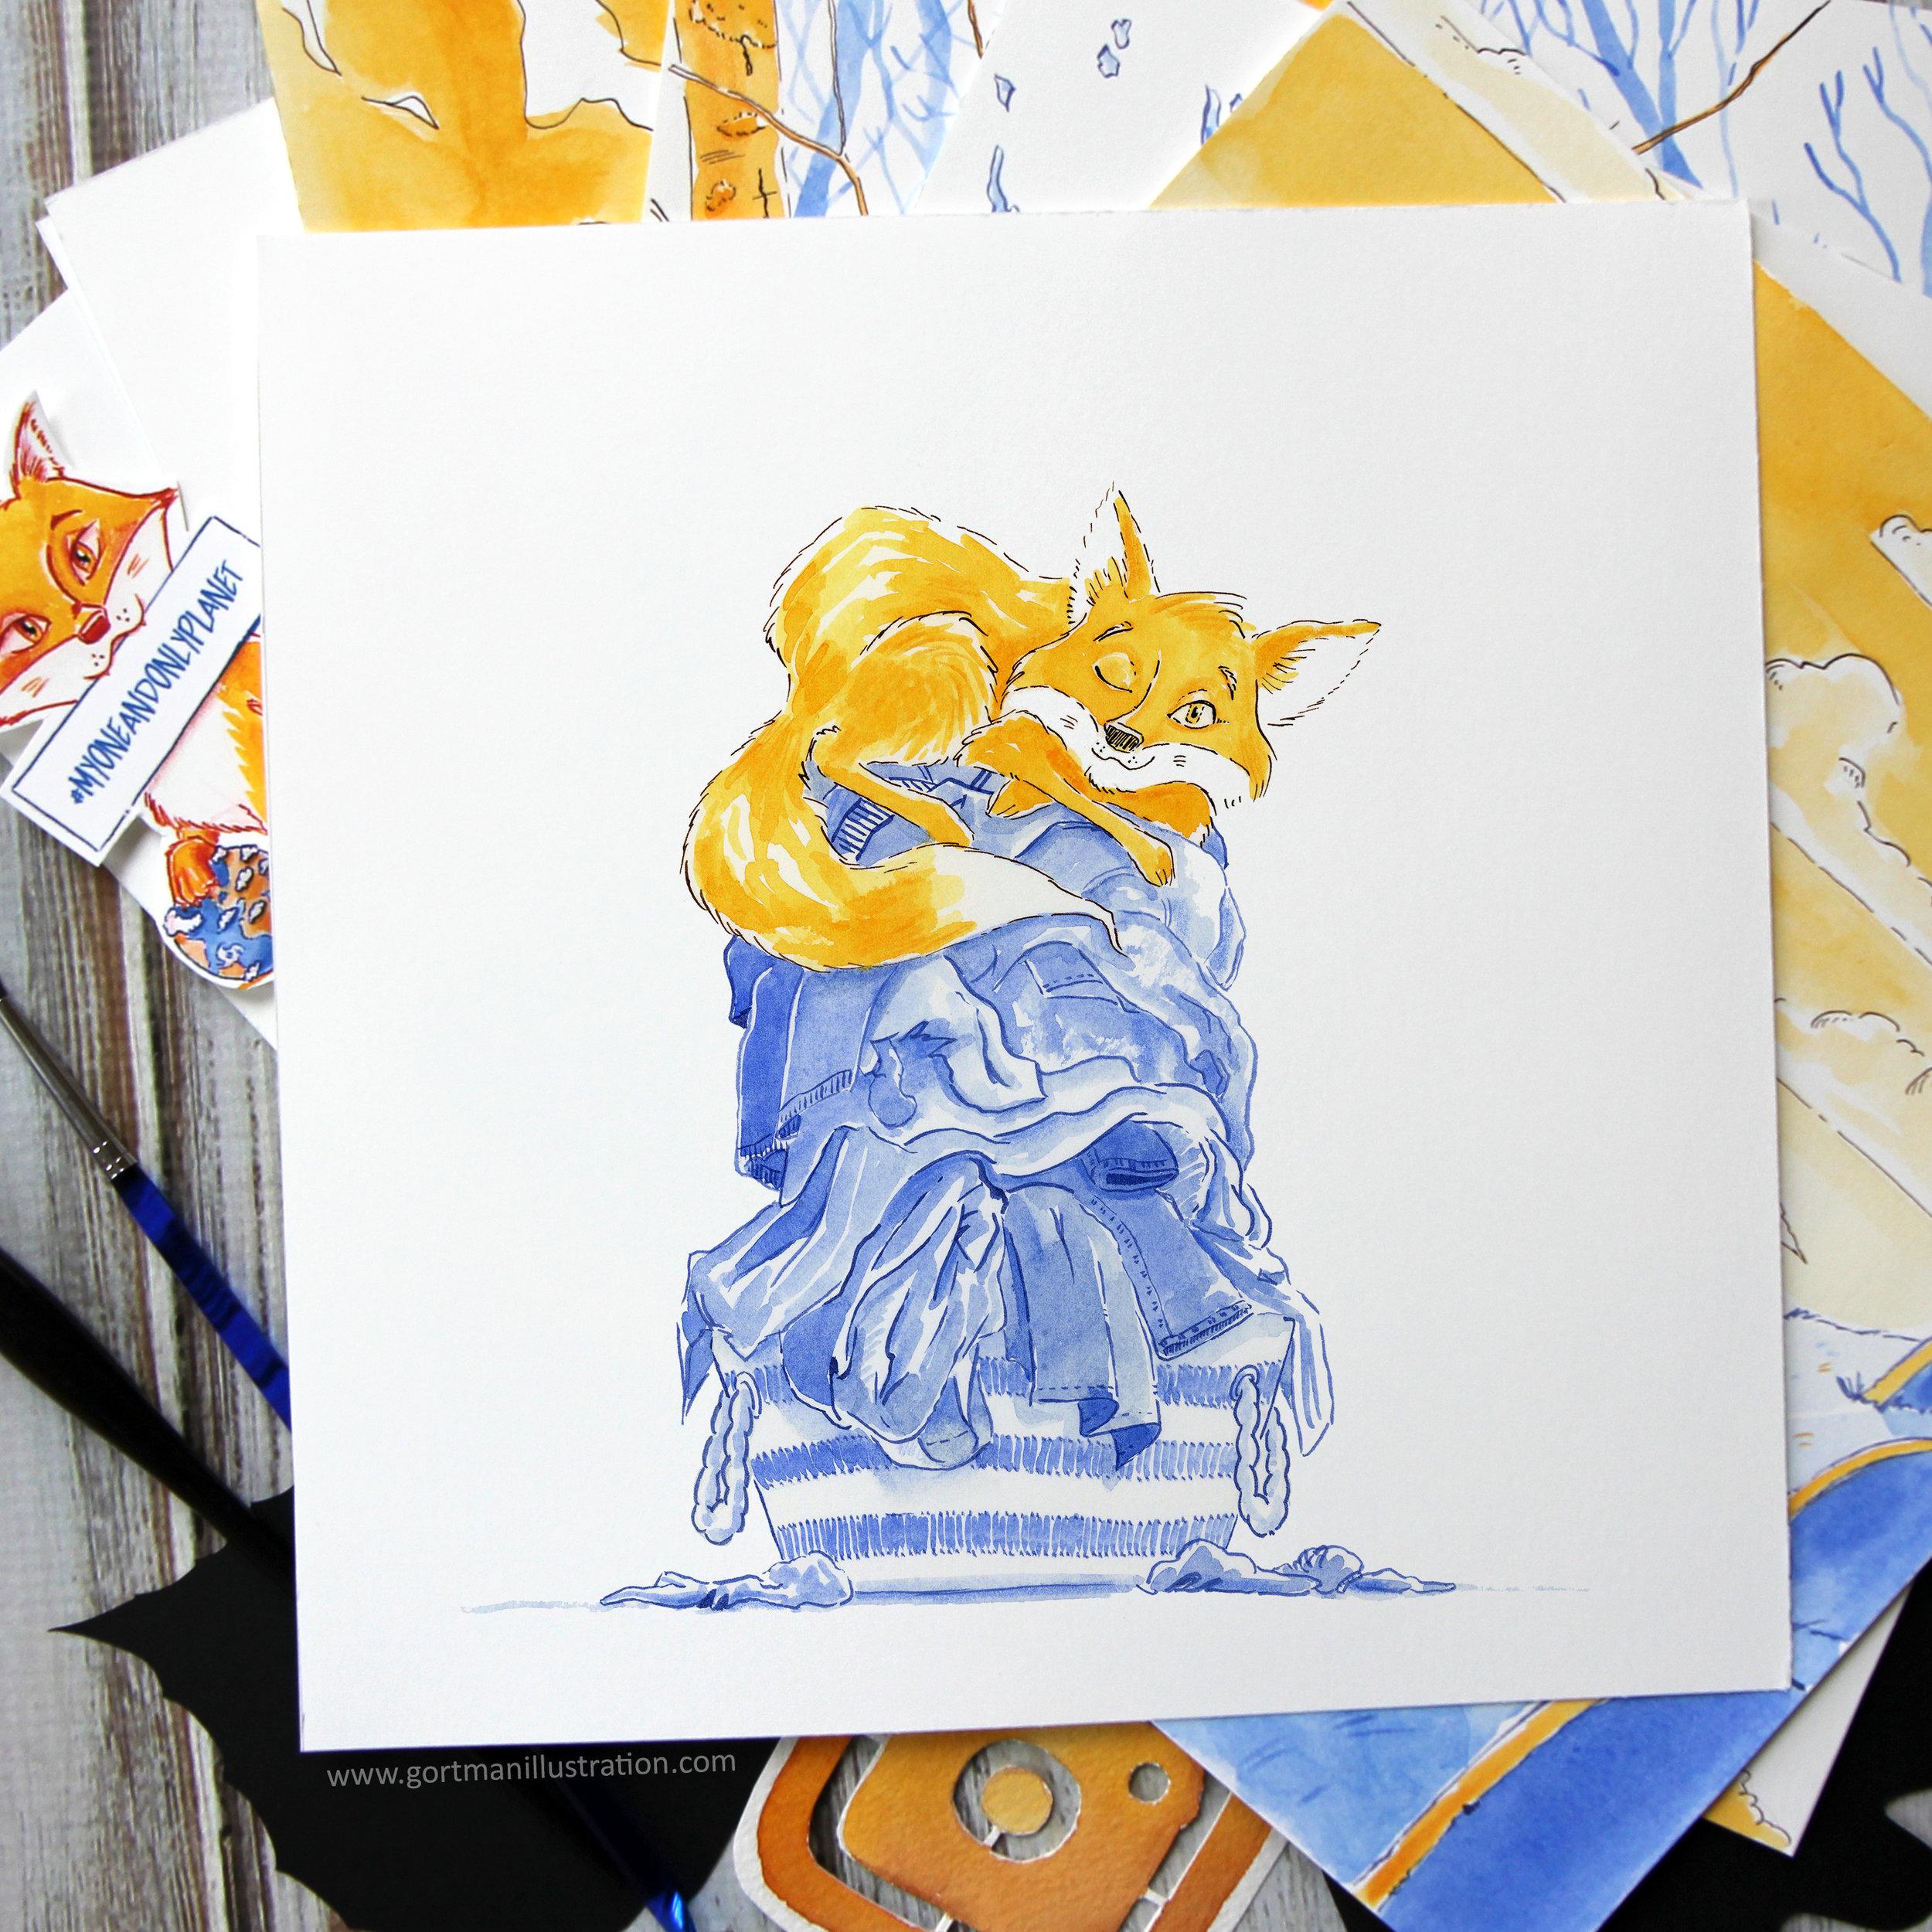 gortmanillustration---inktober---027--fullload--web-1200x1200.jpg